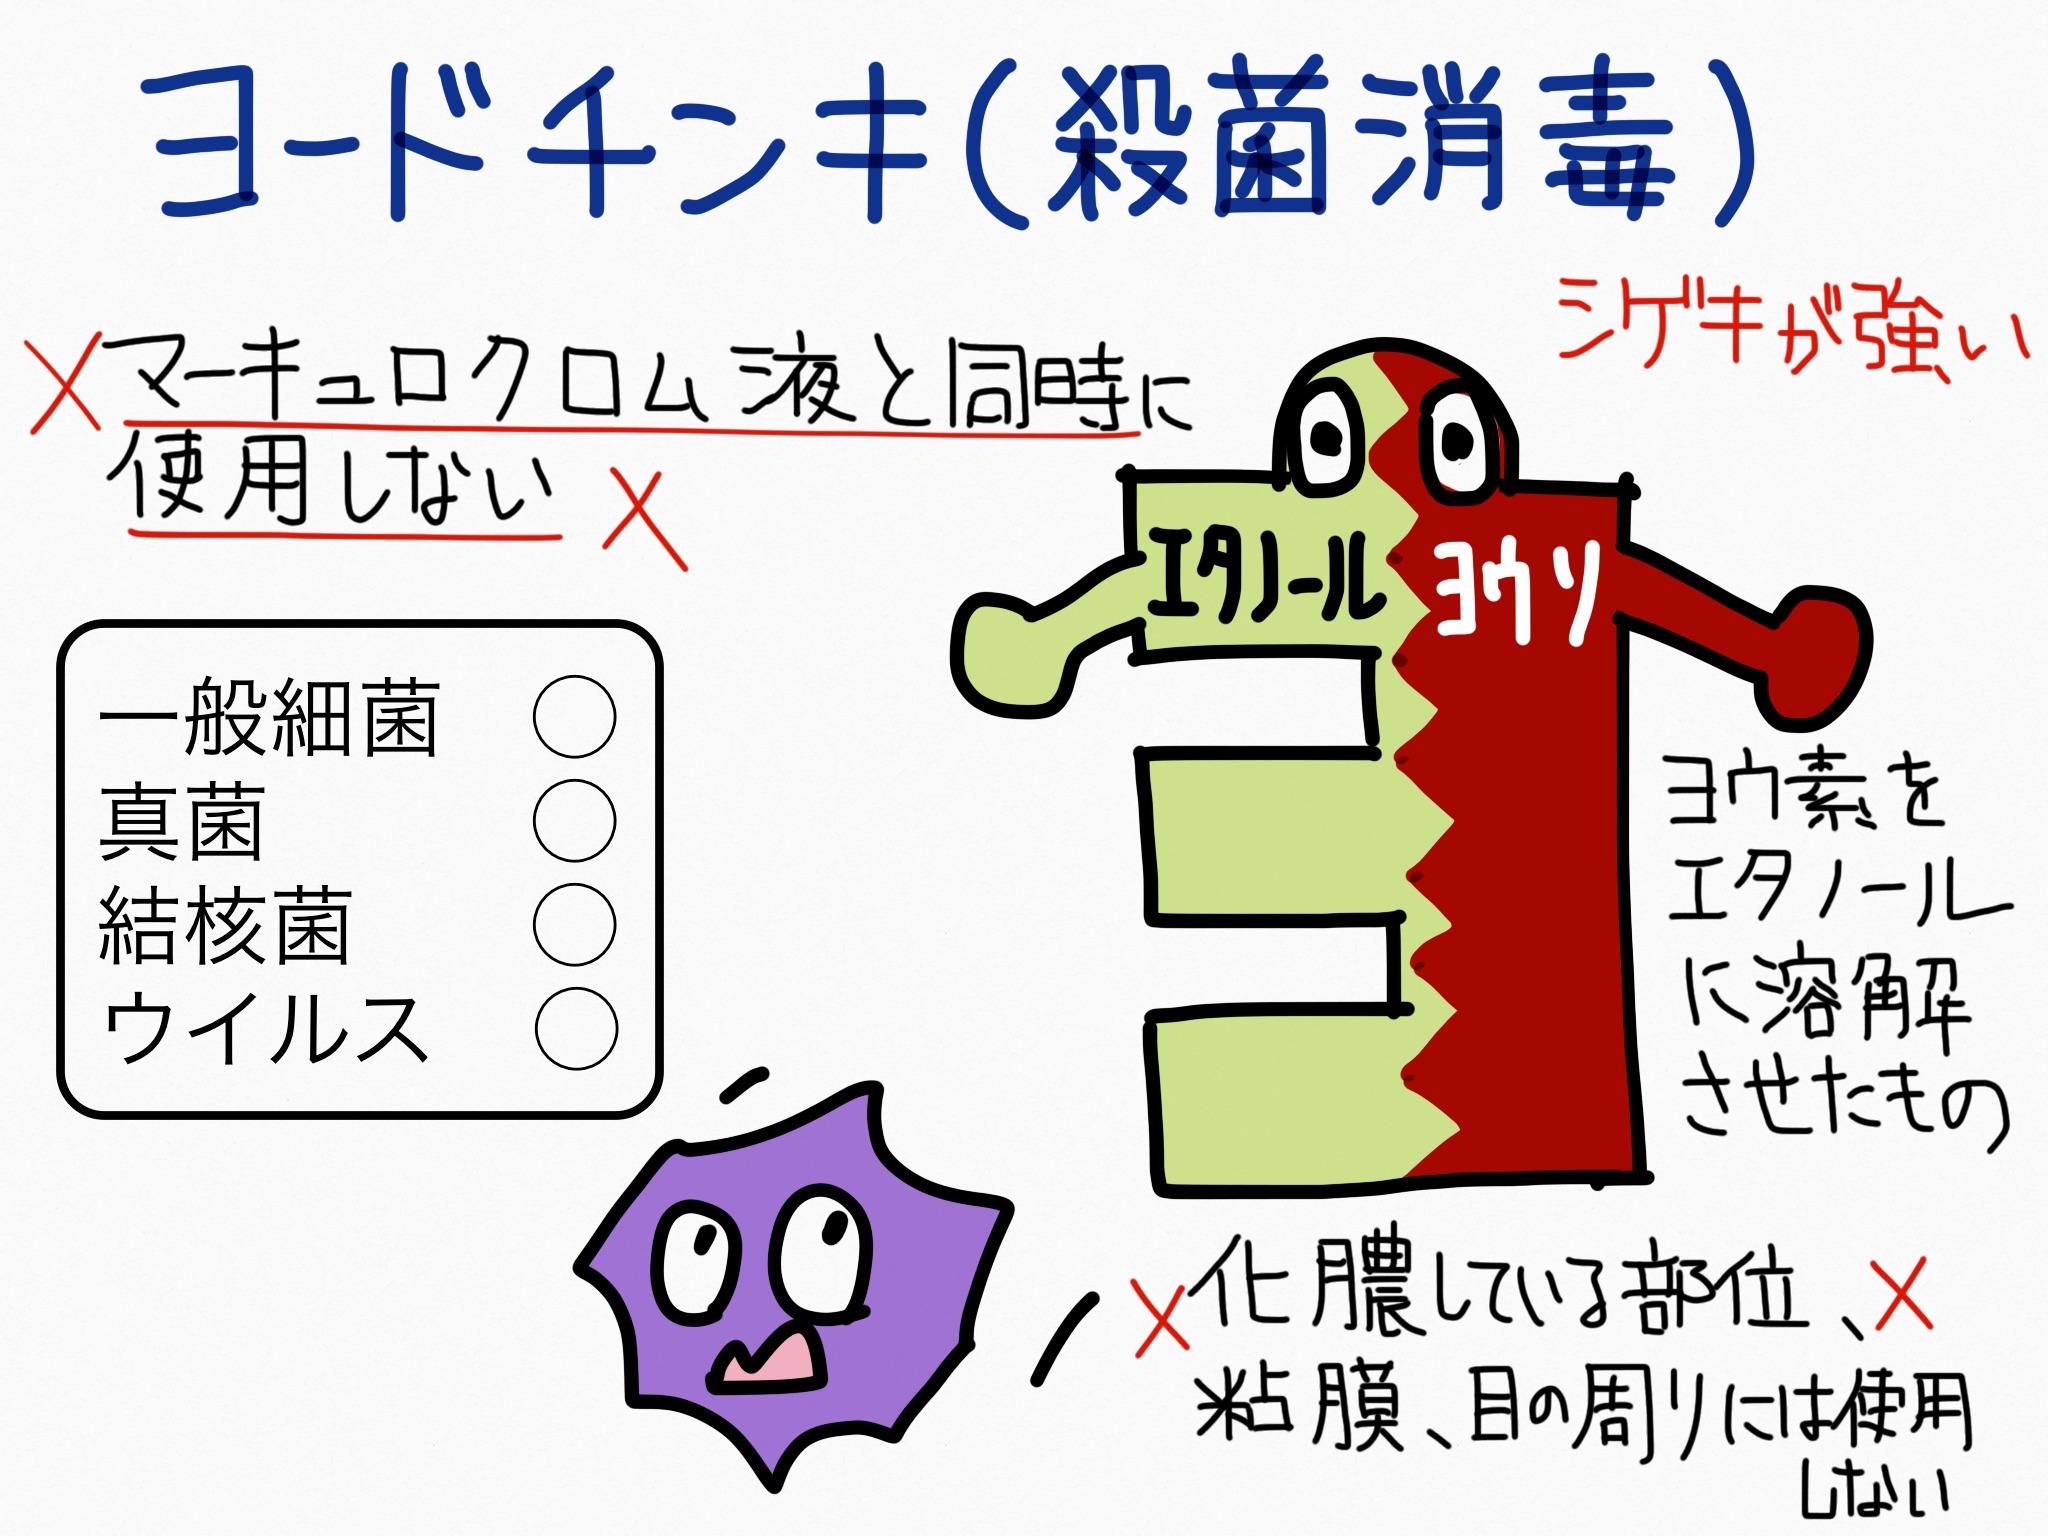 ヨードチンキ・殺菌消毒成分の覚え方